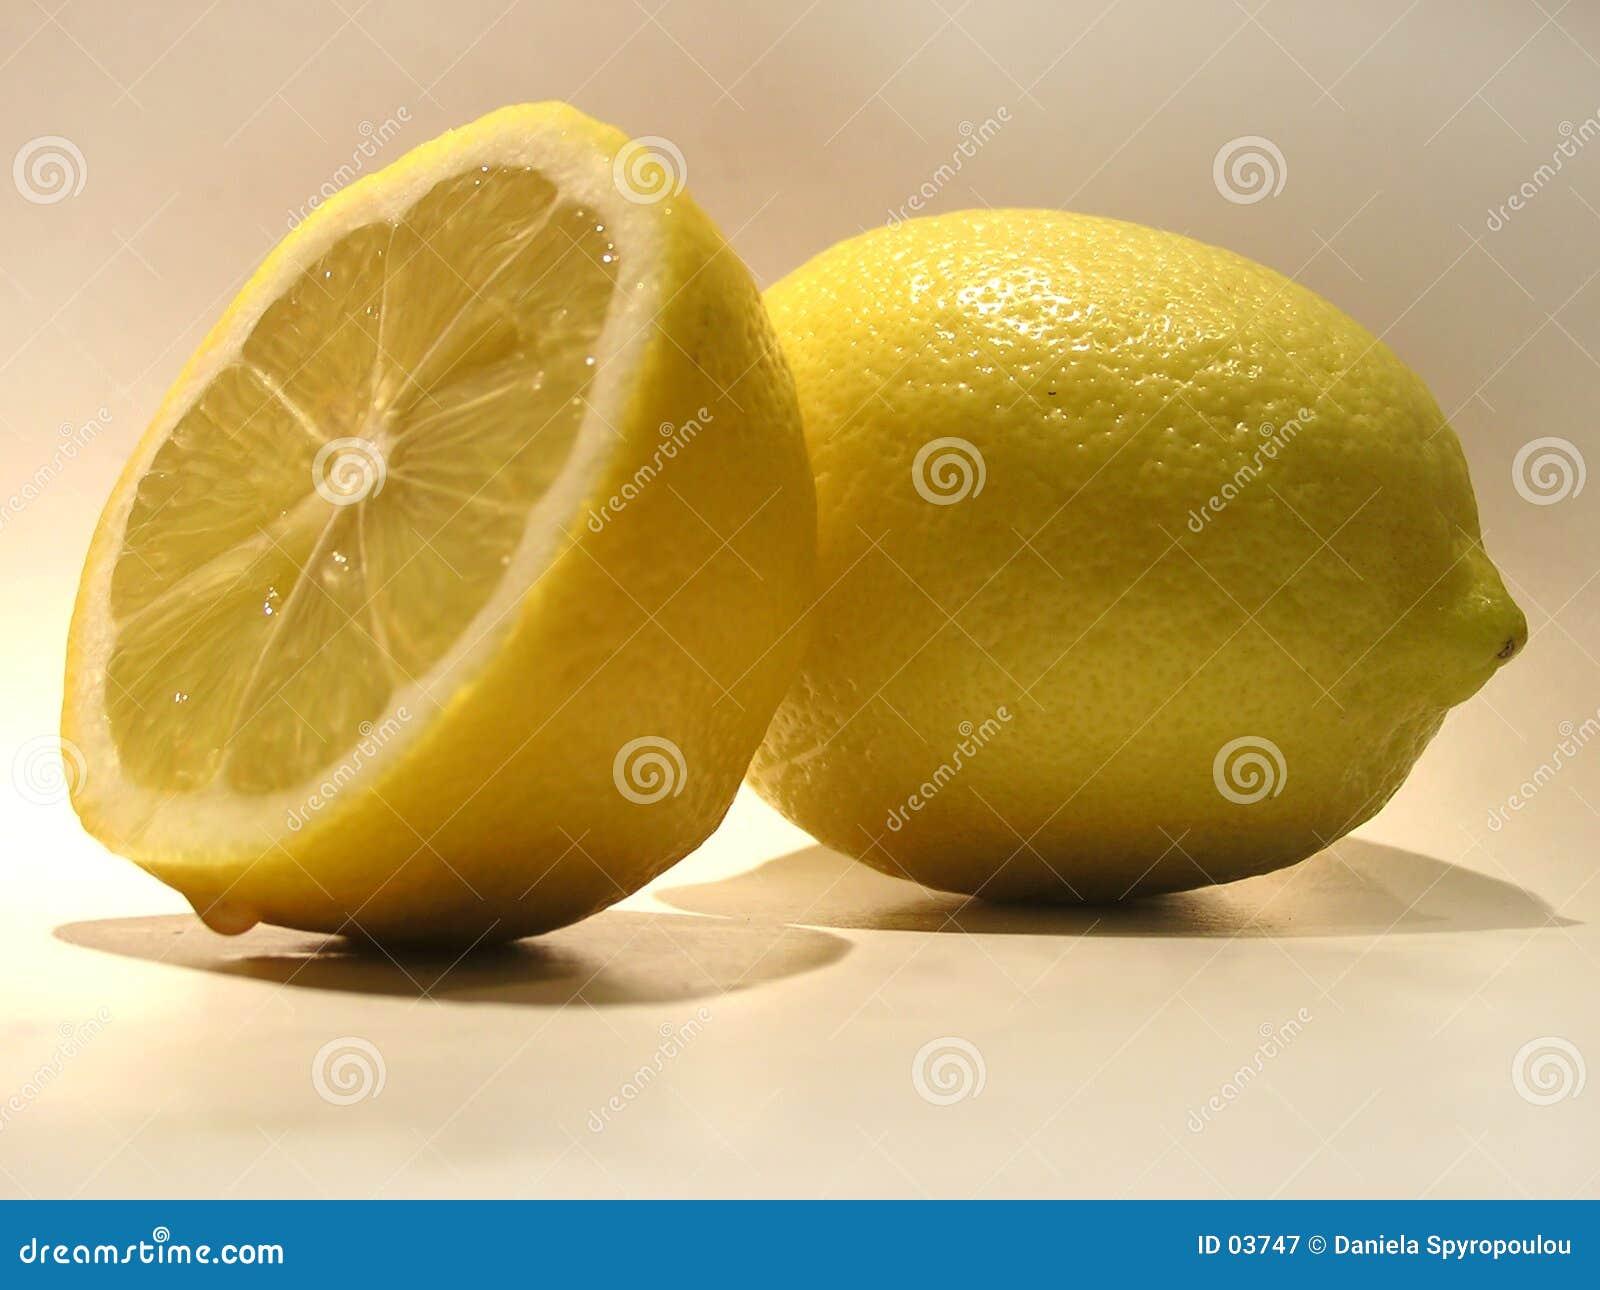 Download Zitronen stockbild. Bild von vitamine, konzepte, frisch, leistung - 3747